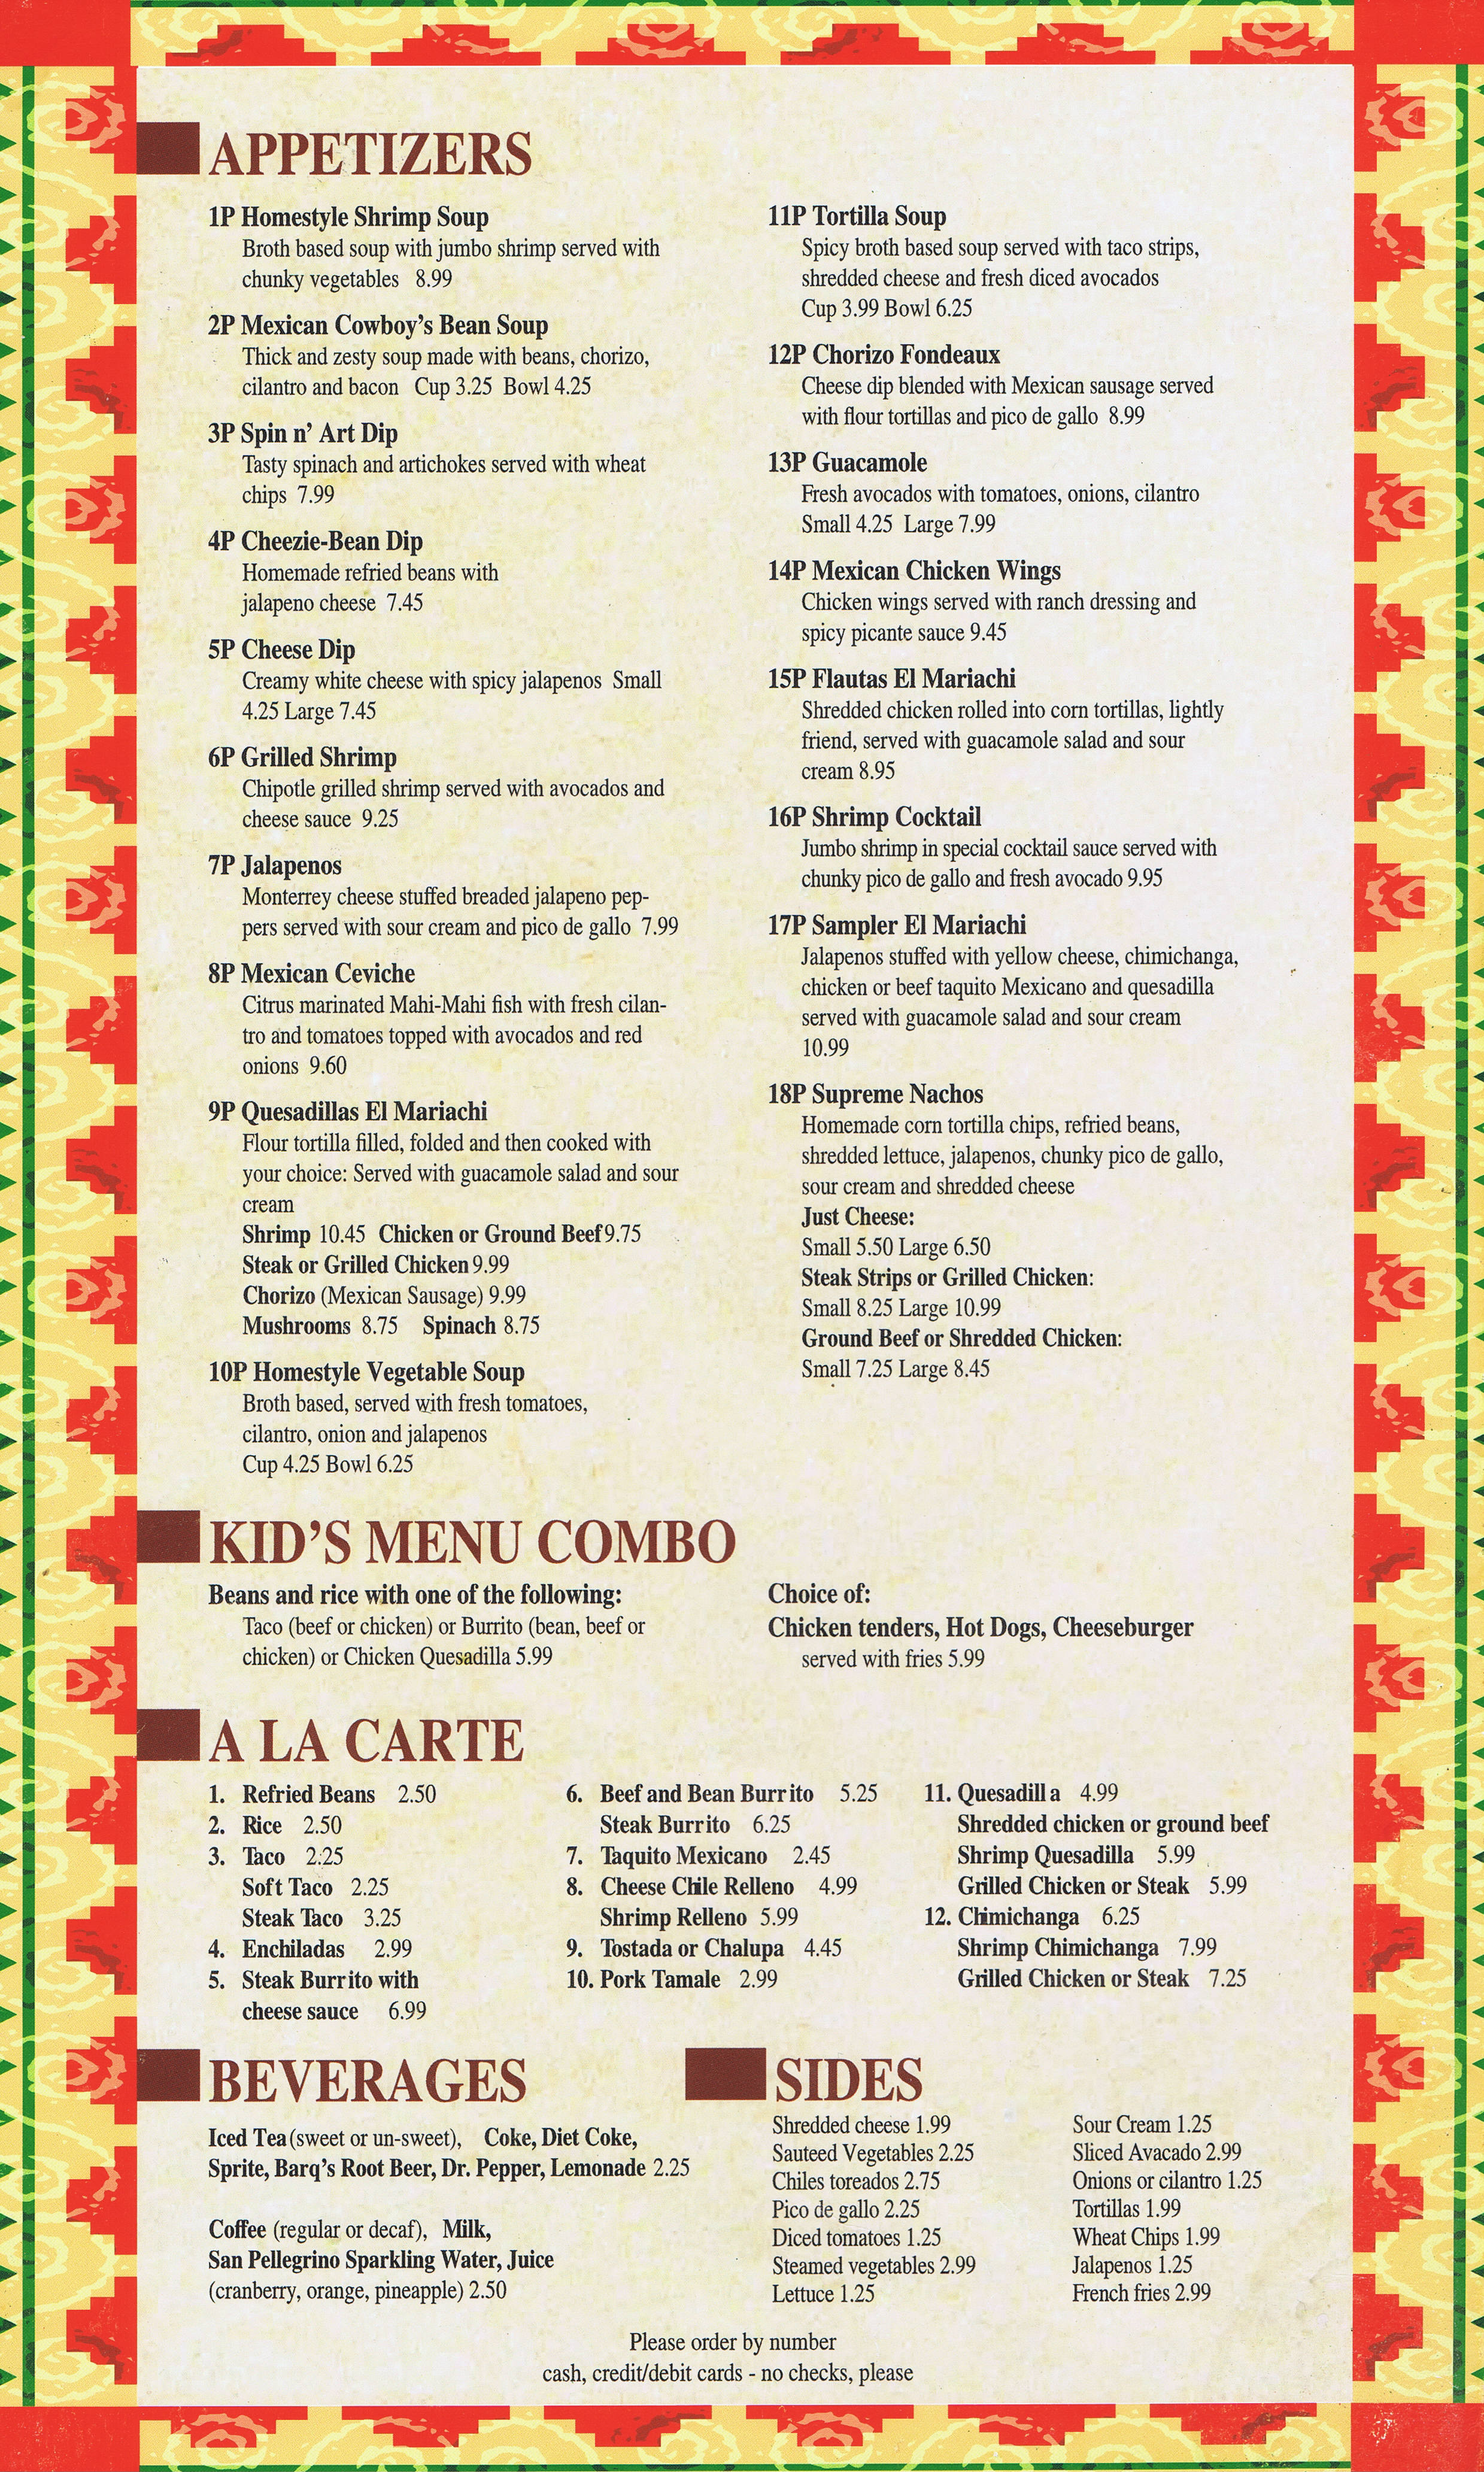 El Mariachi Mexican Restaurant image 4